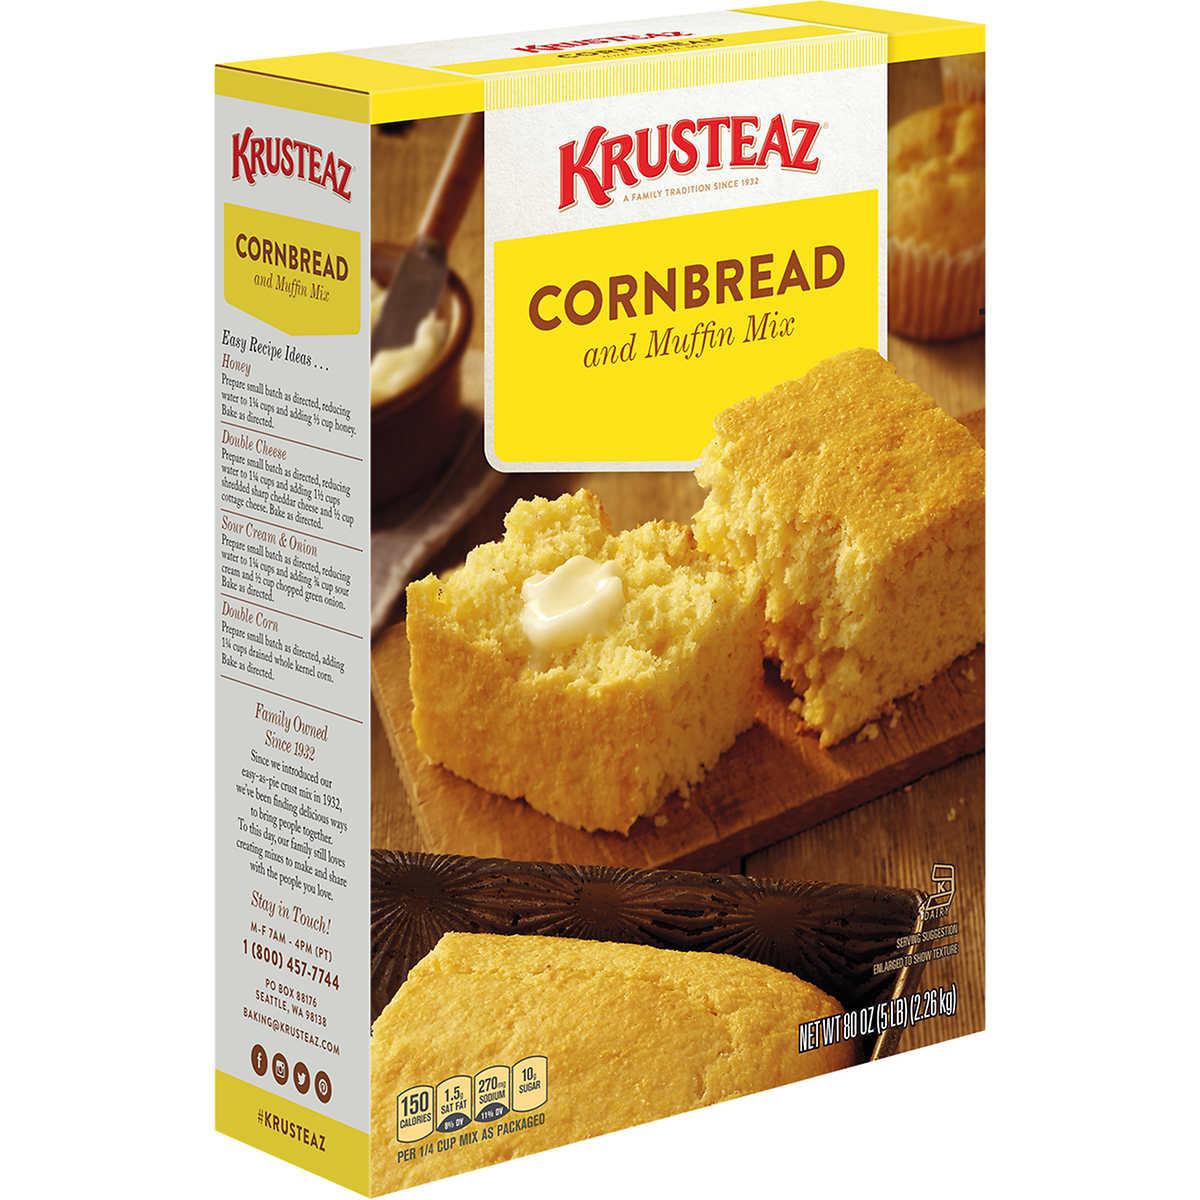 Krusteaz Cornbread And Muffin Mix 5 Lbs